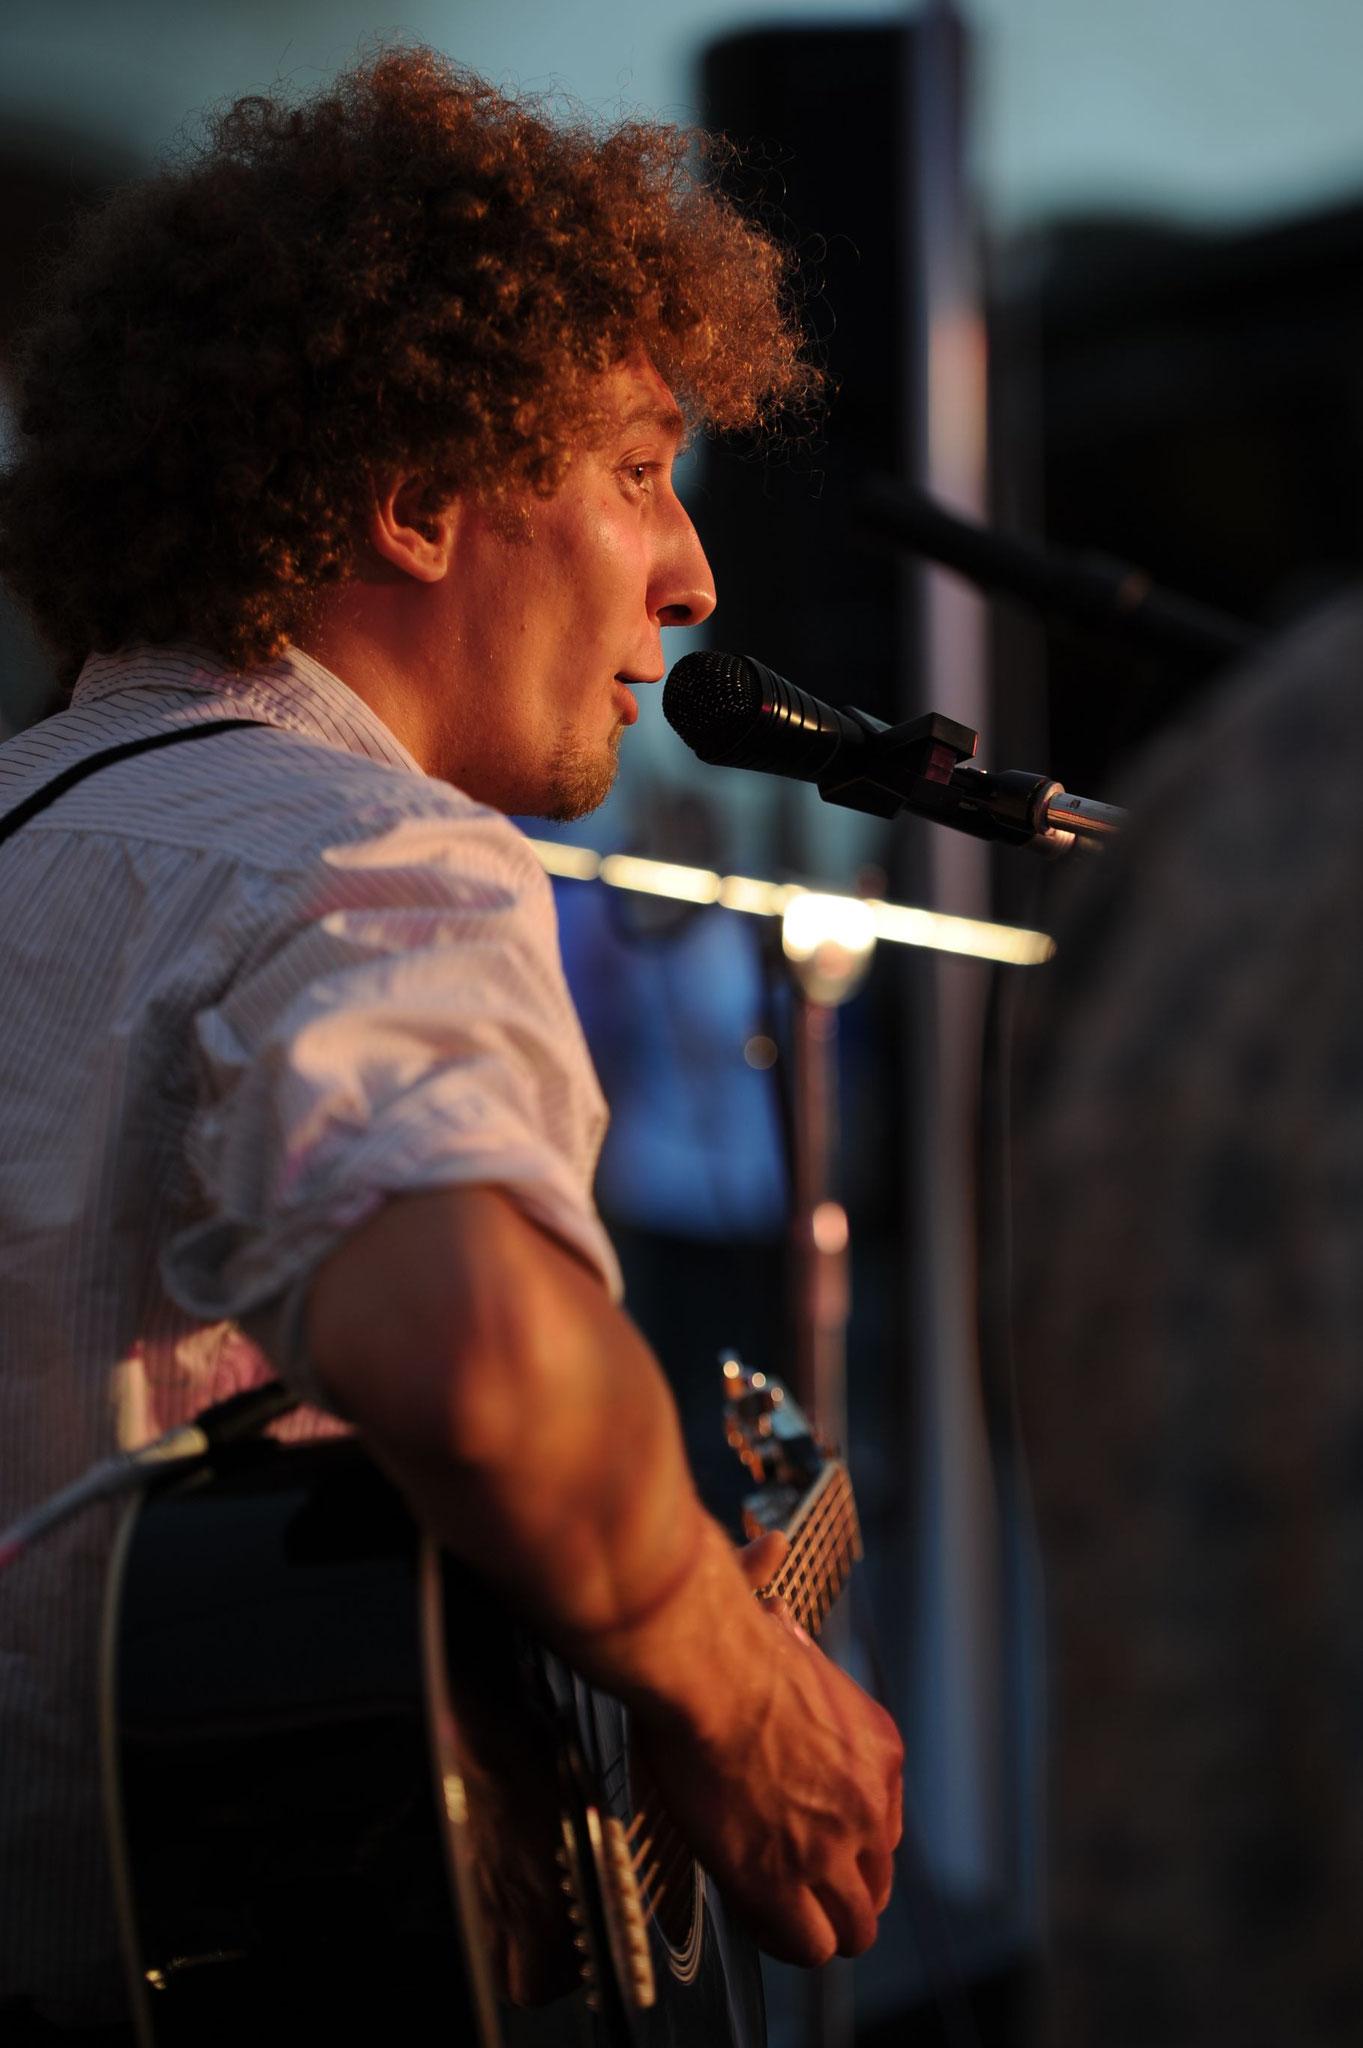 Konzerte im Bürgerhof 21.06.2012 Bossanogo - Freiwilligen-Zentrum Augsburg - Foto: Philipp Rein